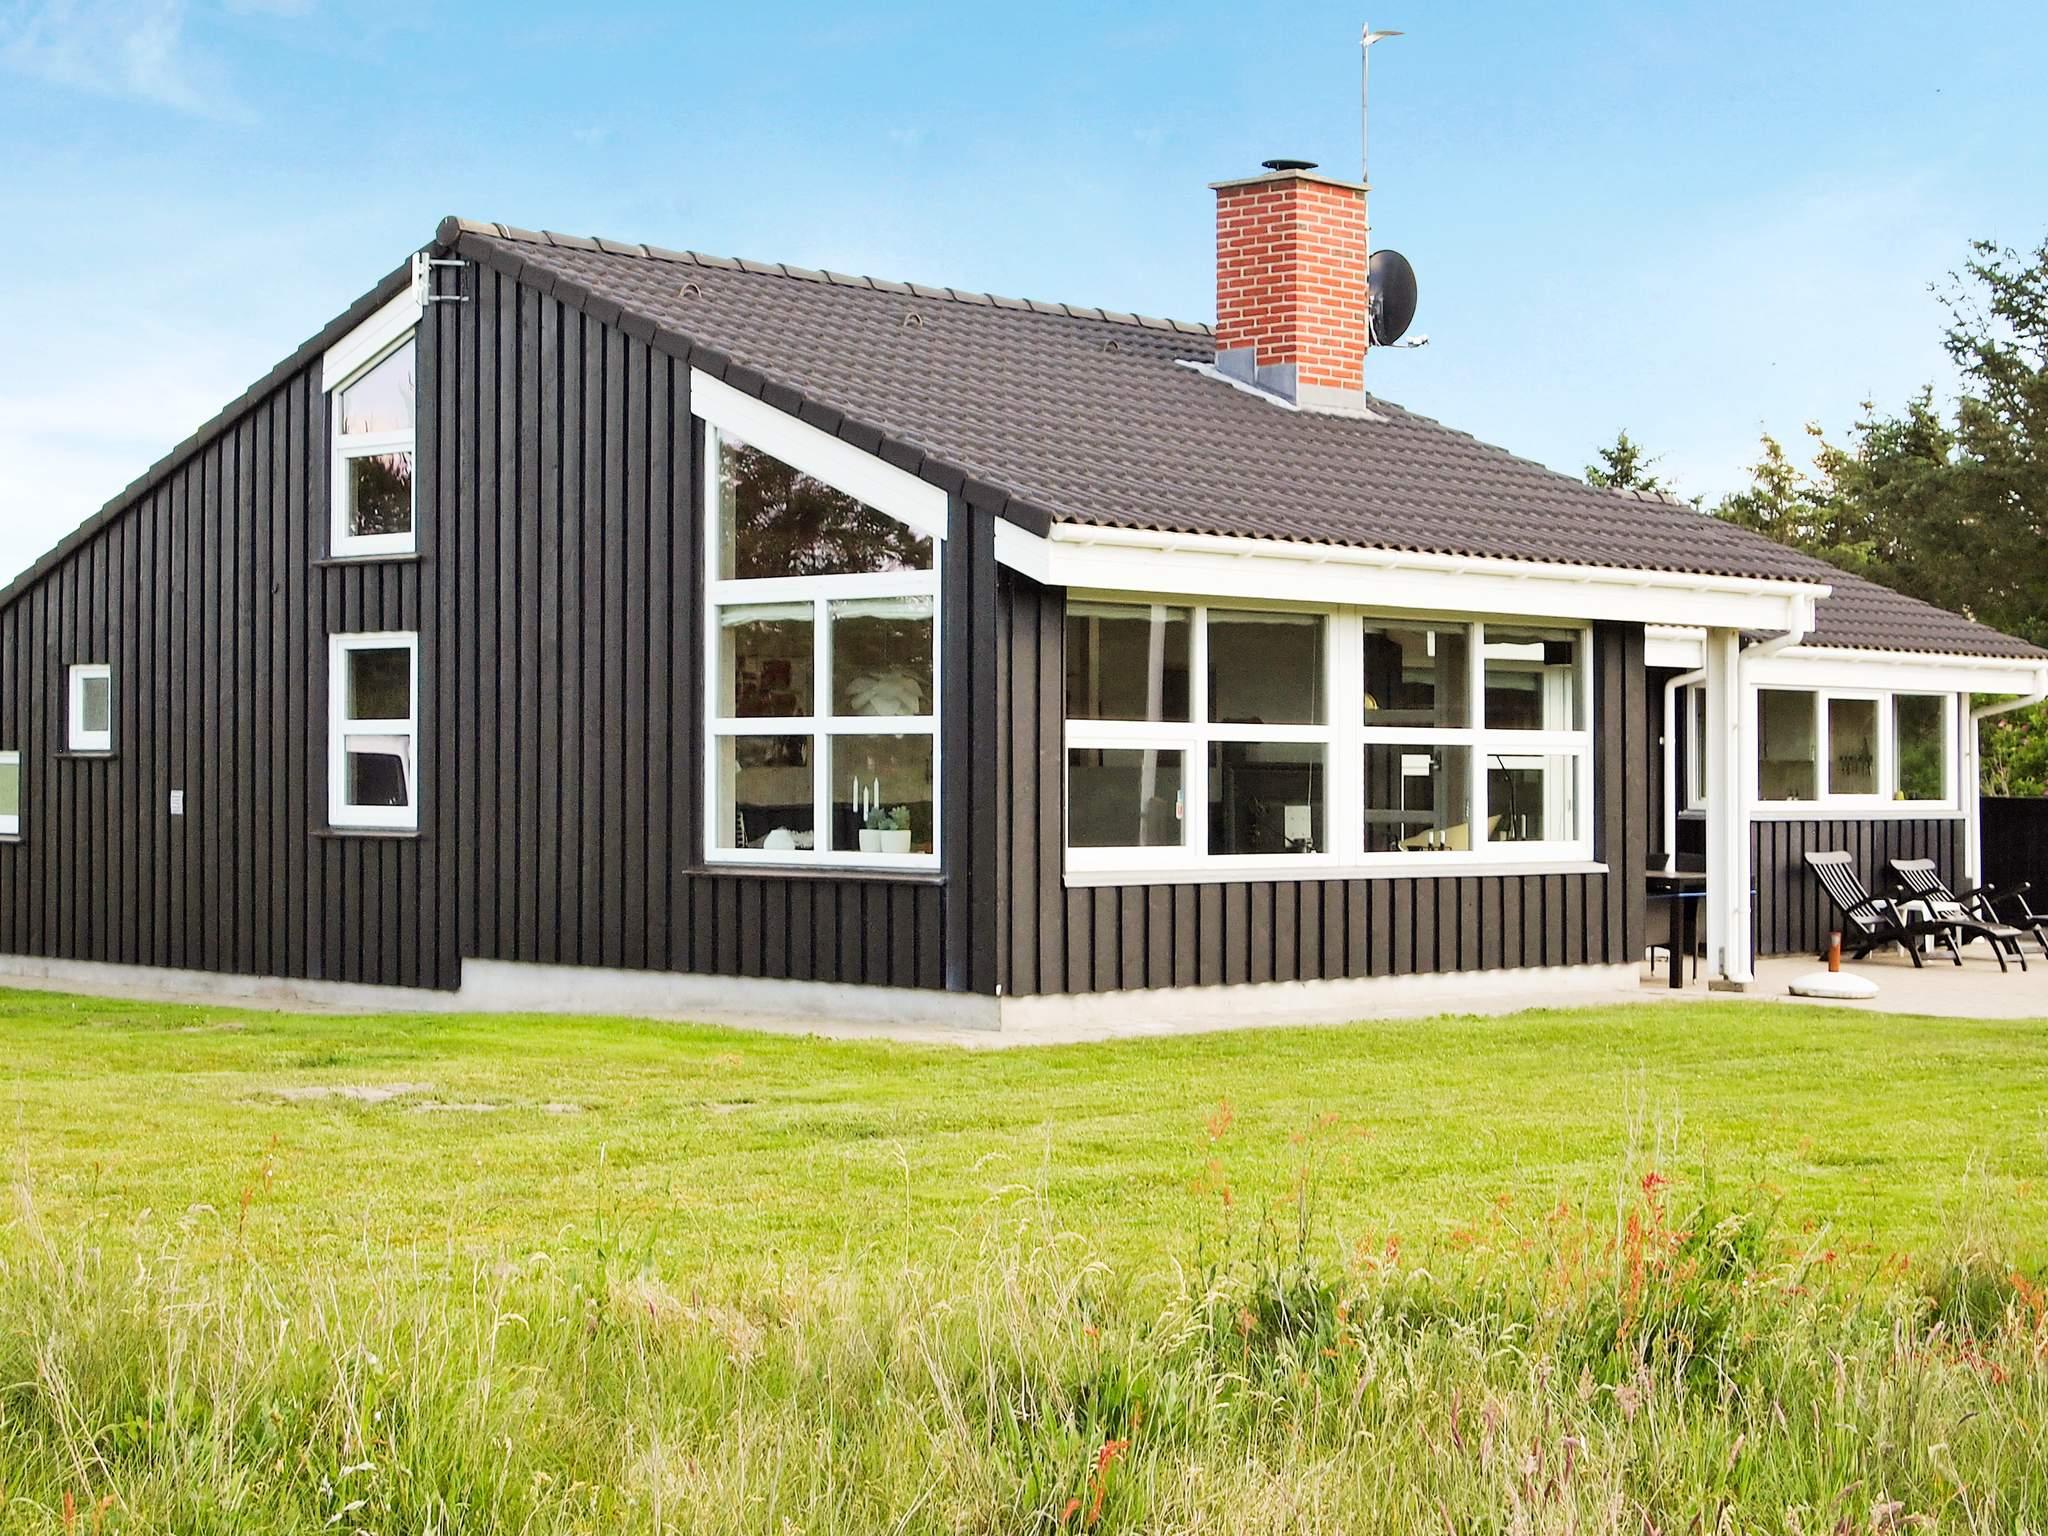 Ferienhaus Løkken (1960004), Løkken, , Nordwestjütland, Dänemark, Bild 17